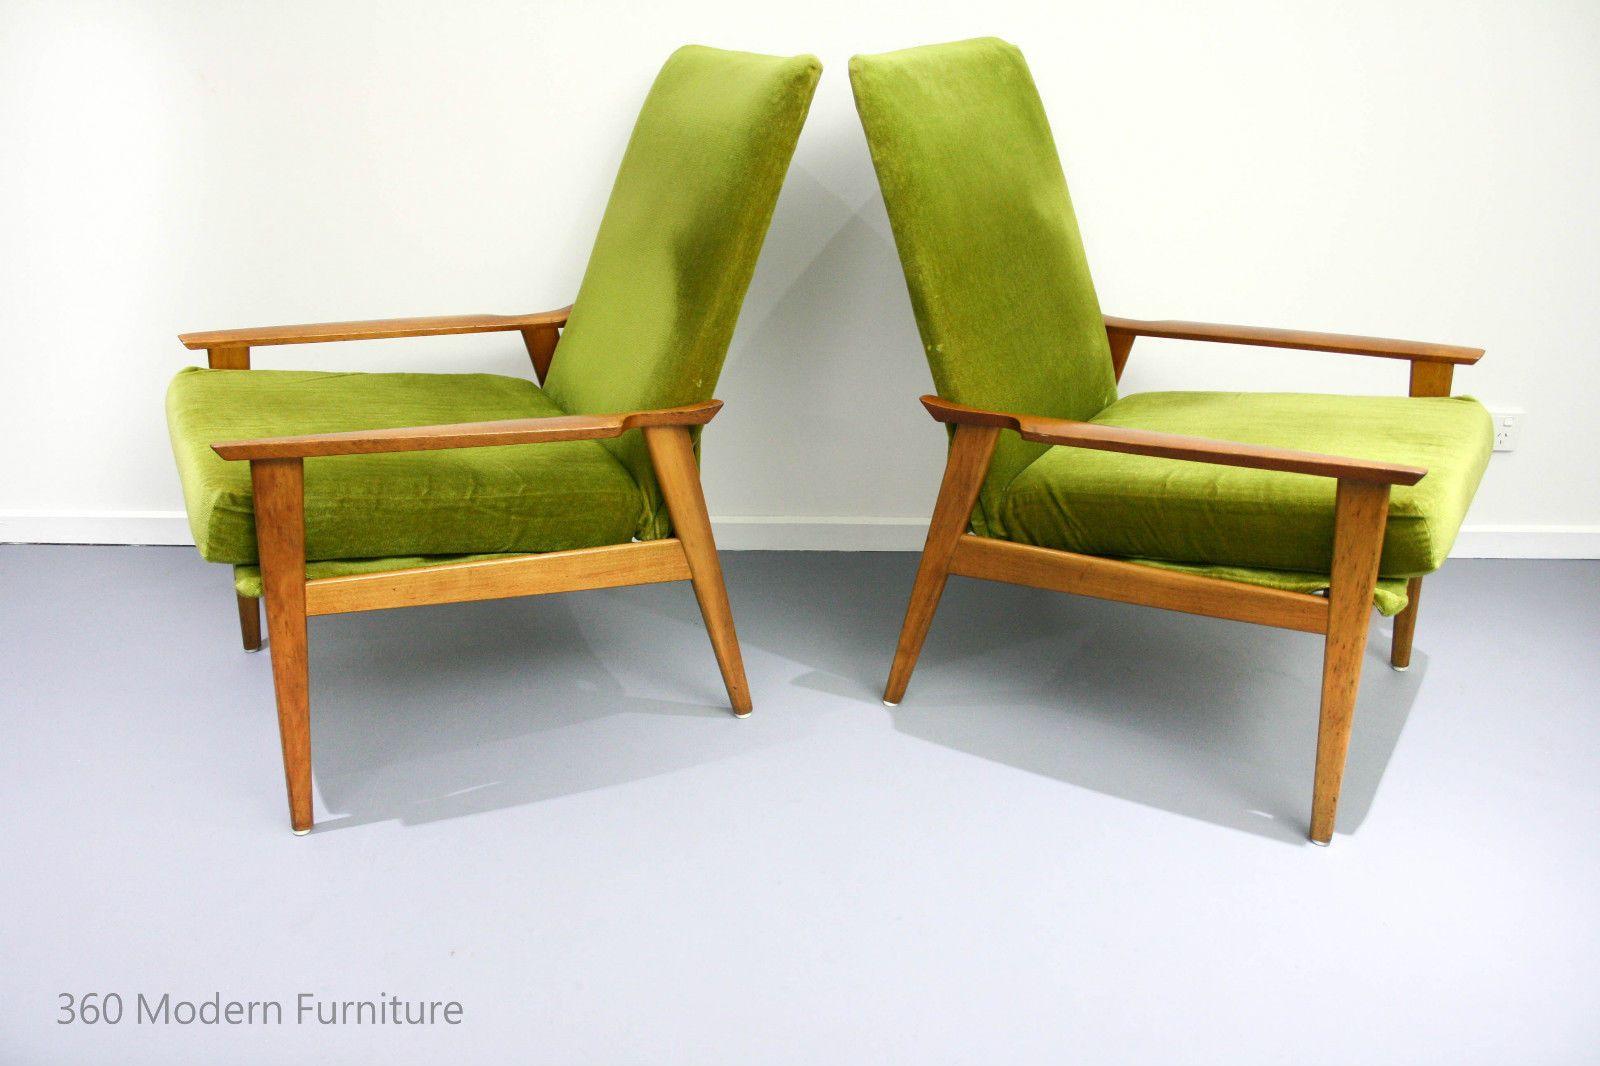 Mid century fler armchairs x 2 retro vintage scandi danish era fred lowen pair in home garden furniture sofas couches ebay 360 modern furniture 1265